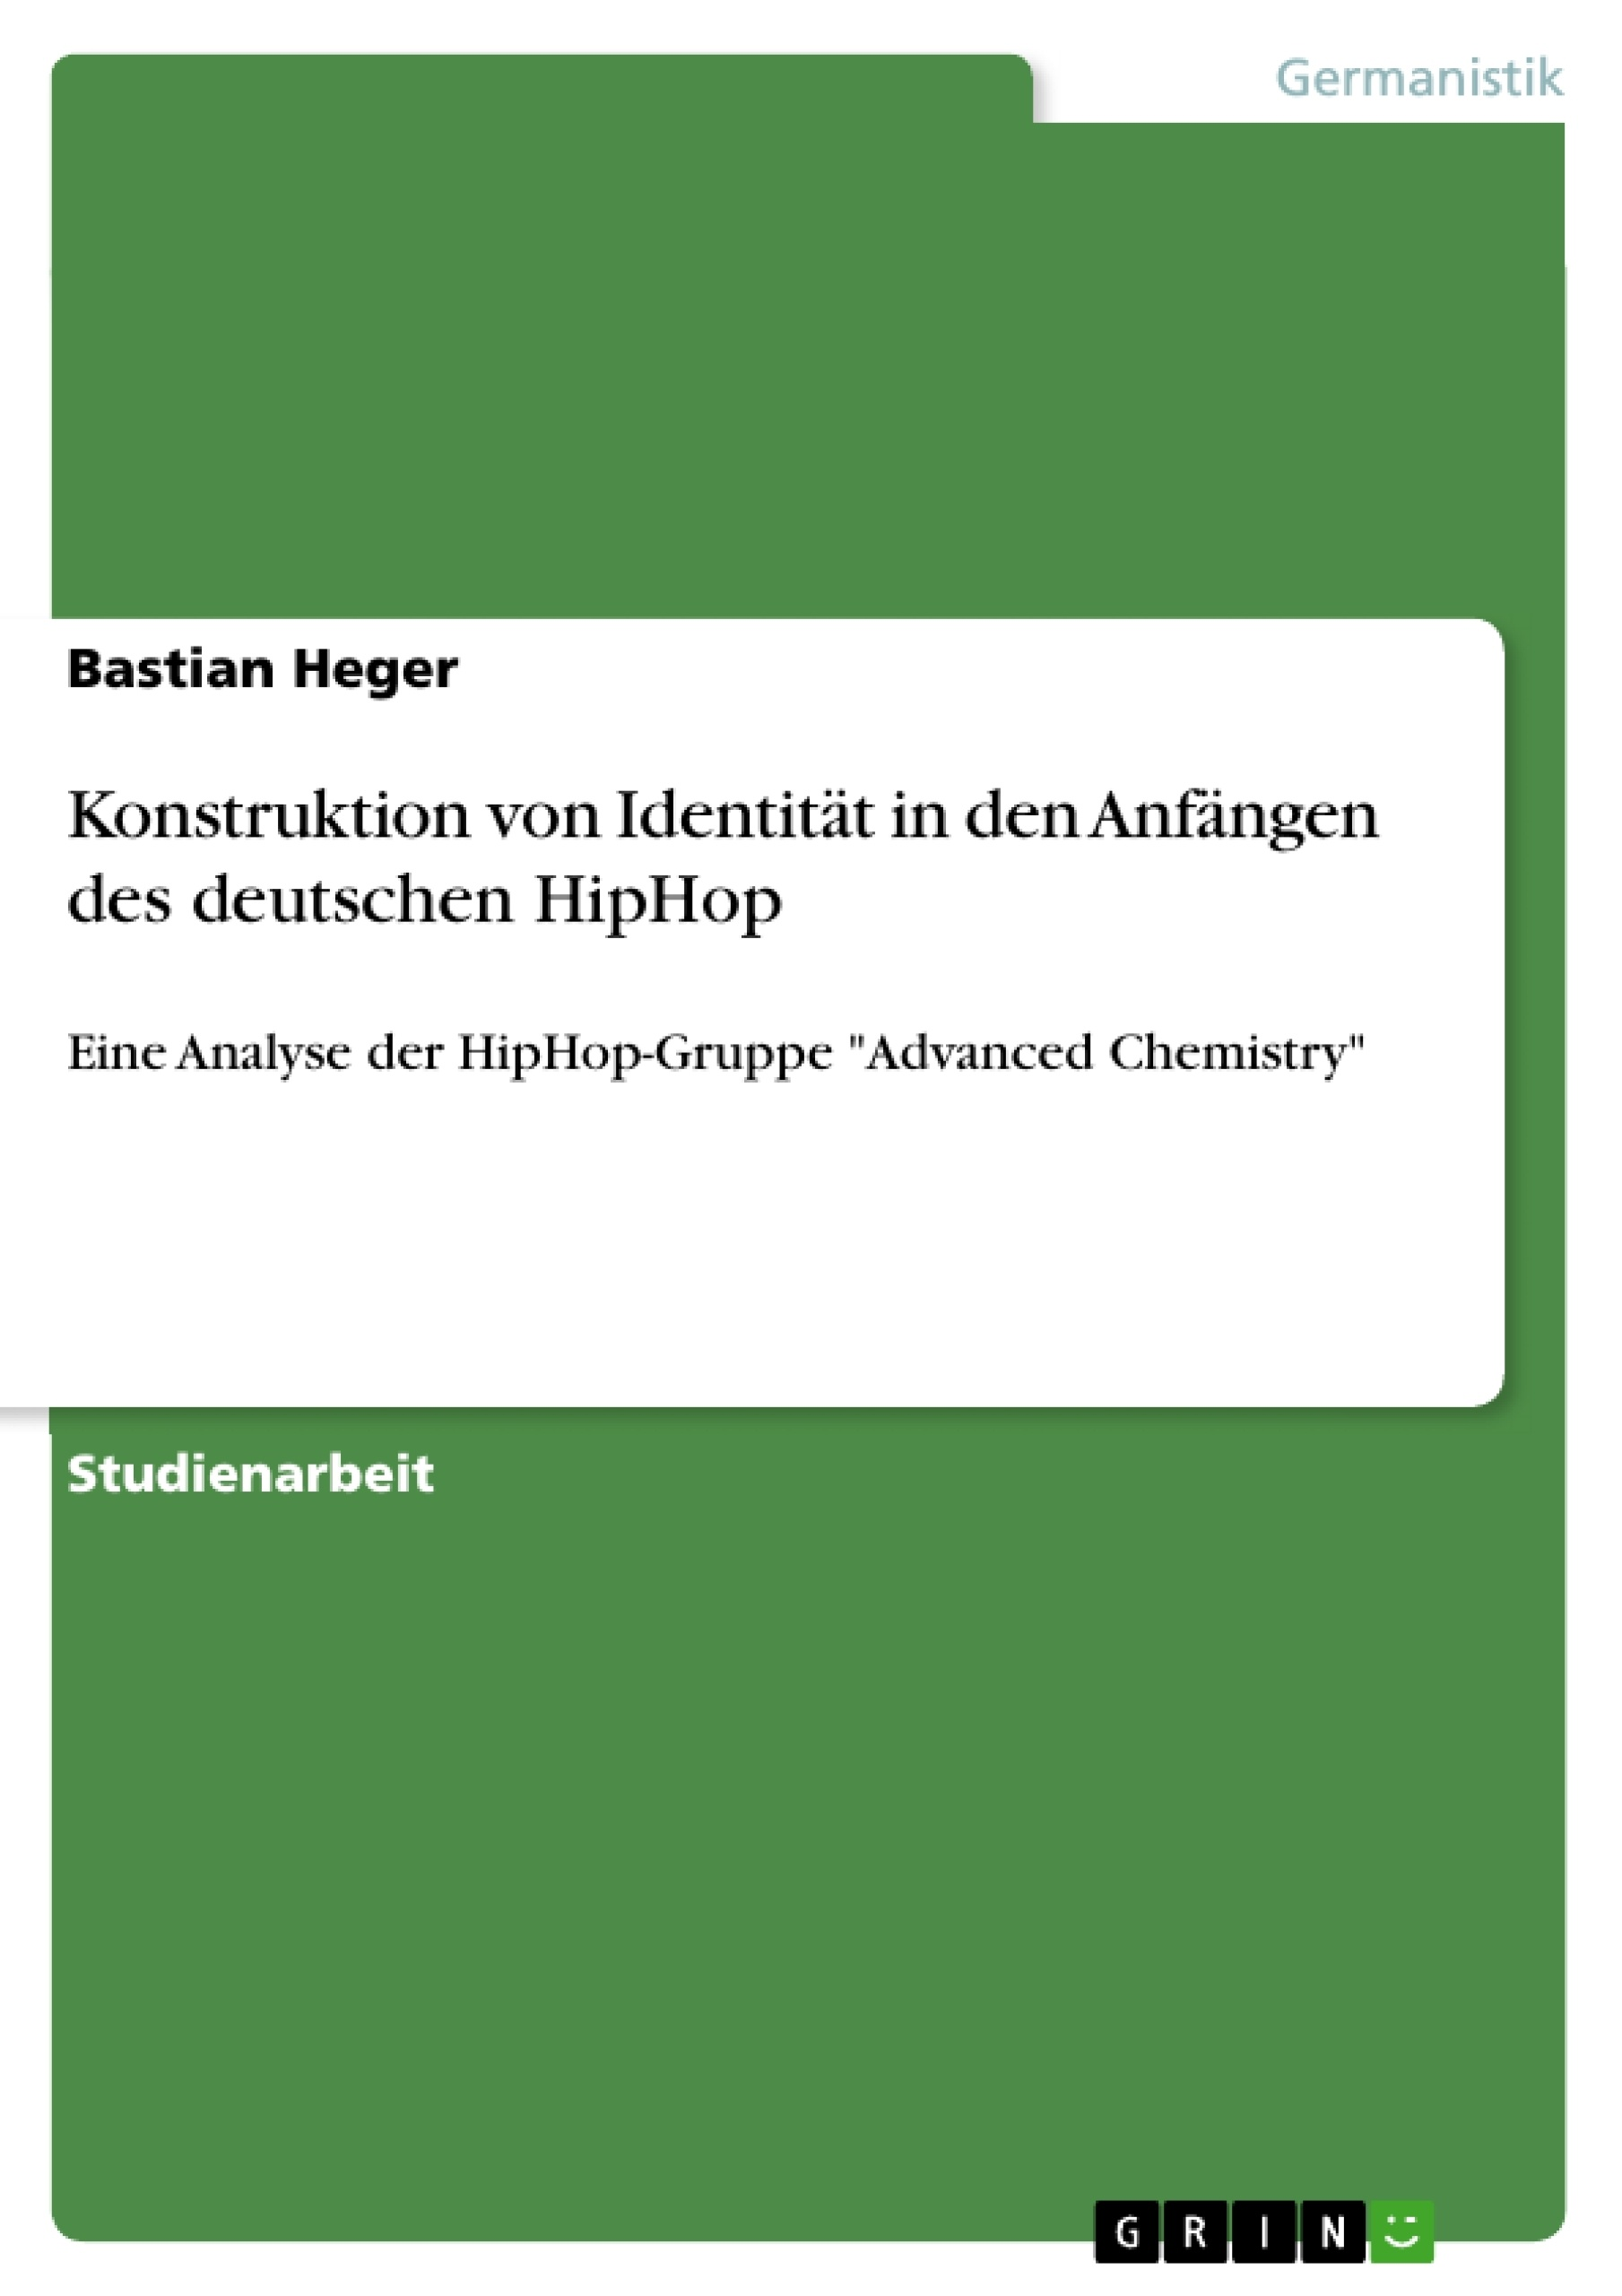 Titel: Konstruktion von Identität in den Anfängen des deutschen HipHop